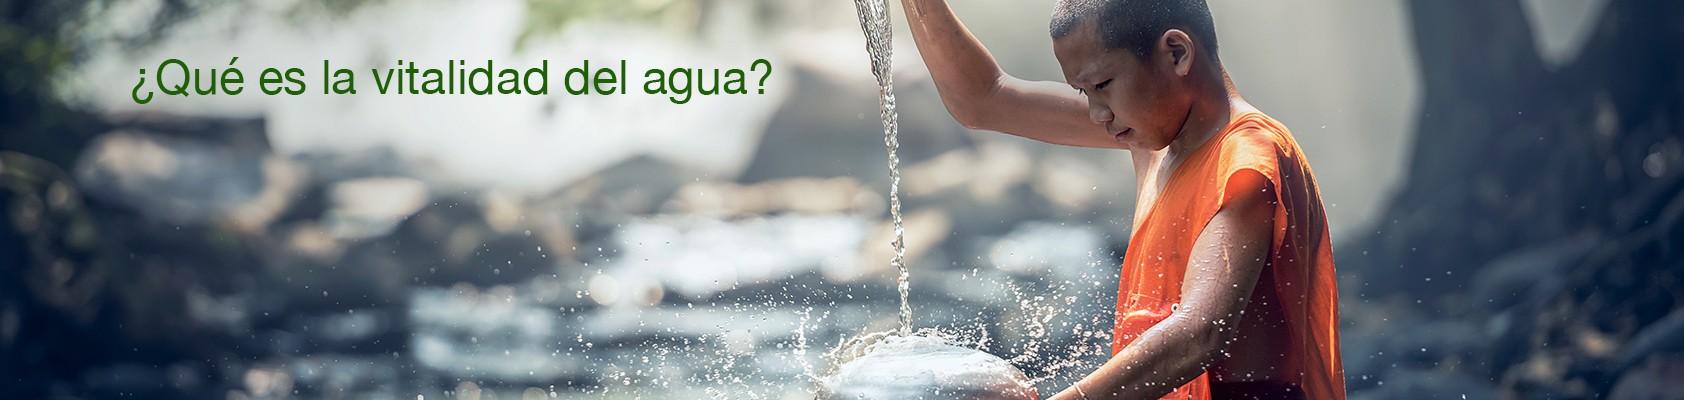 Qué es la vitalidad del agua